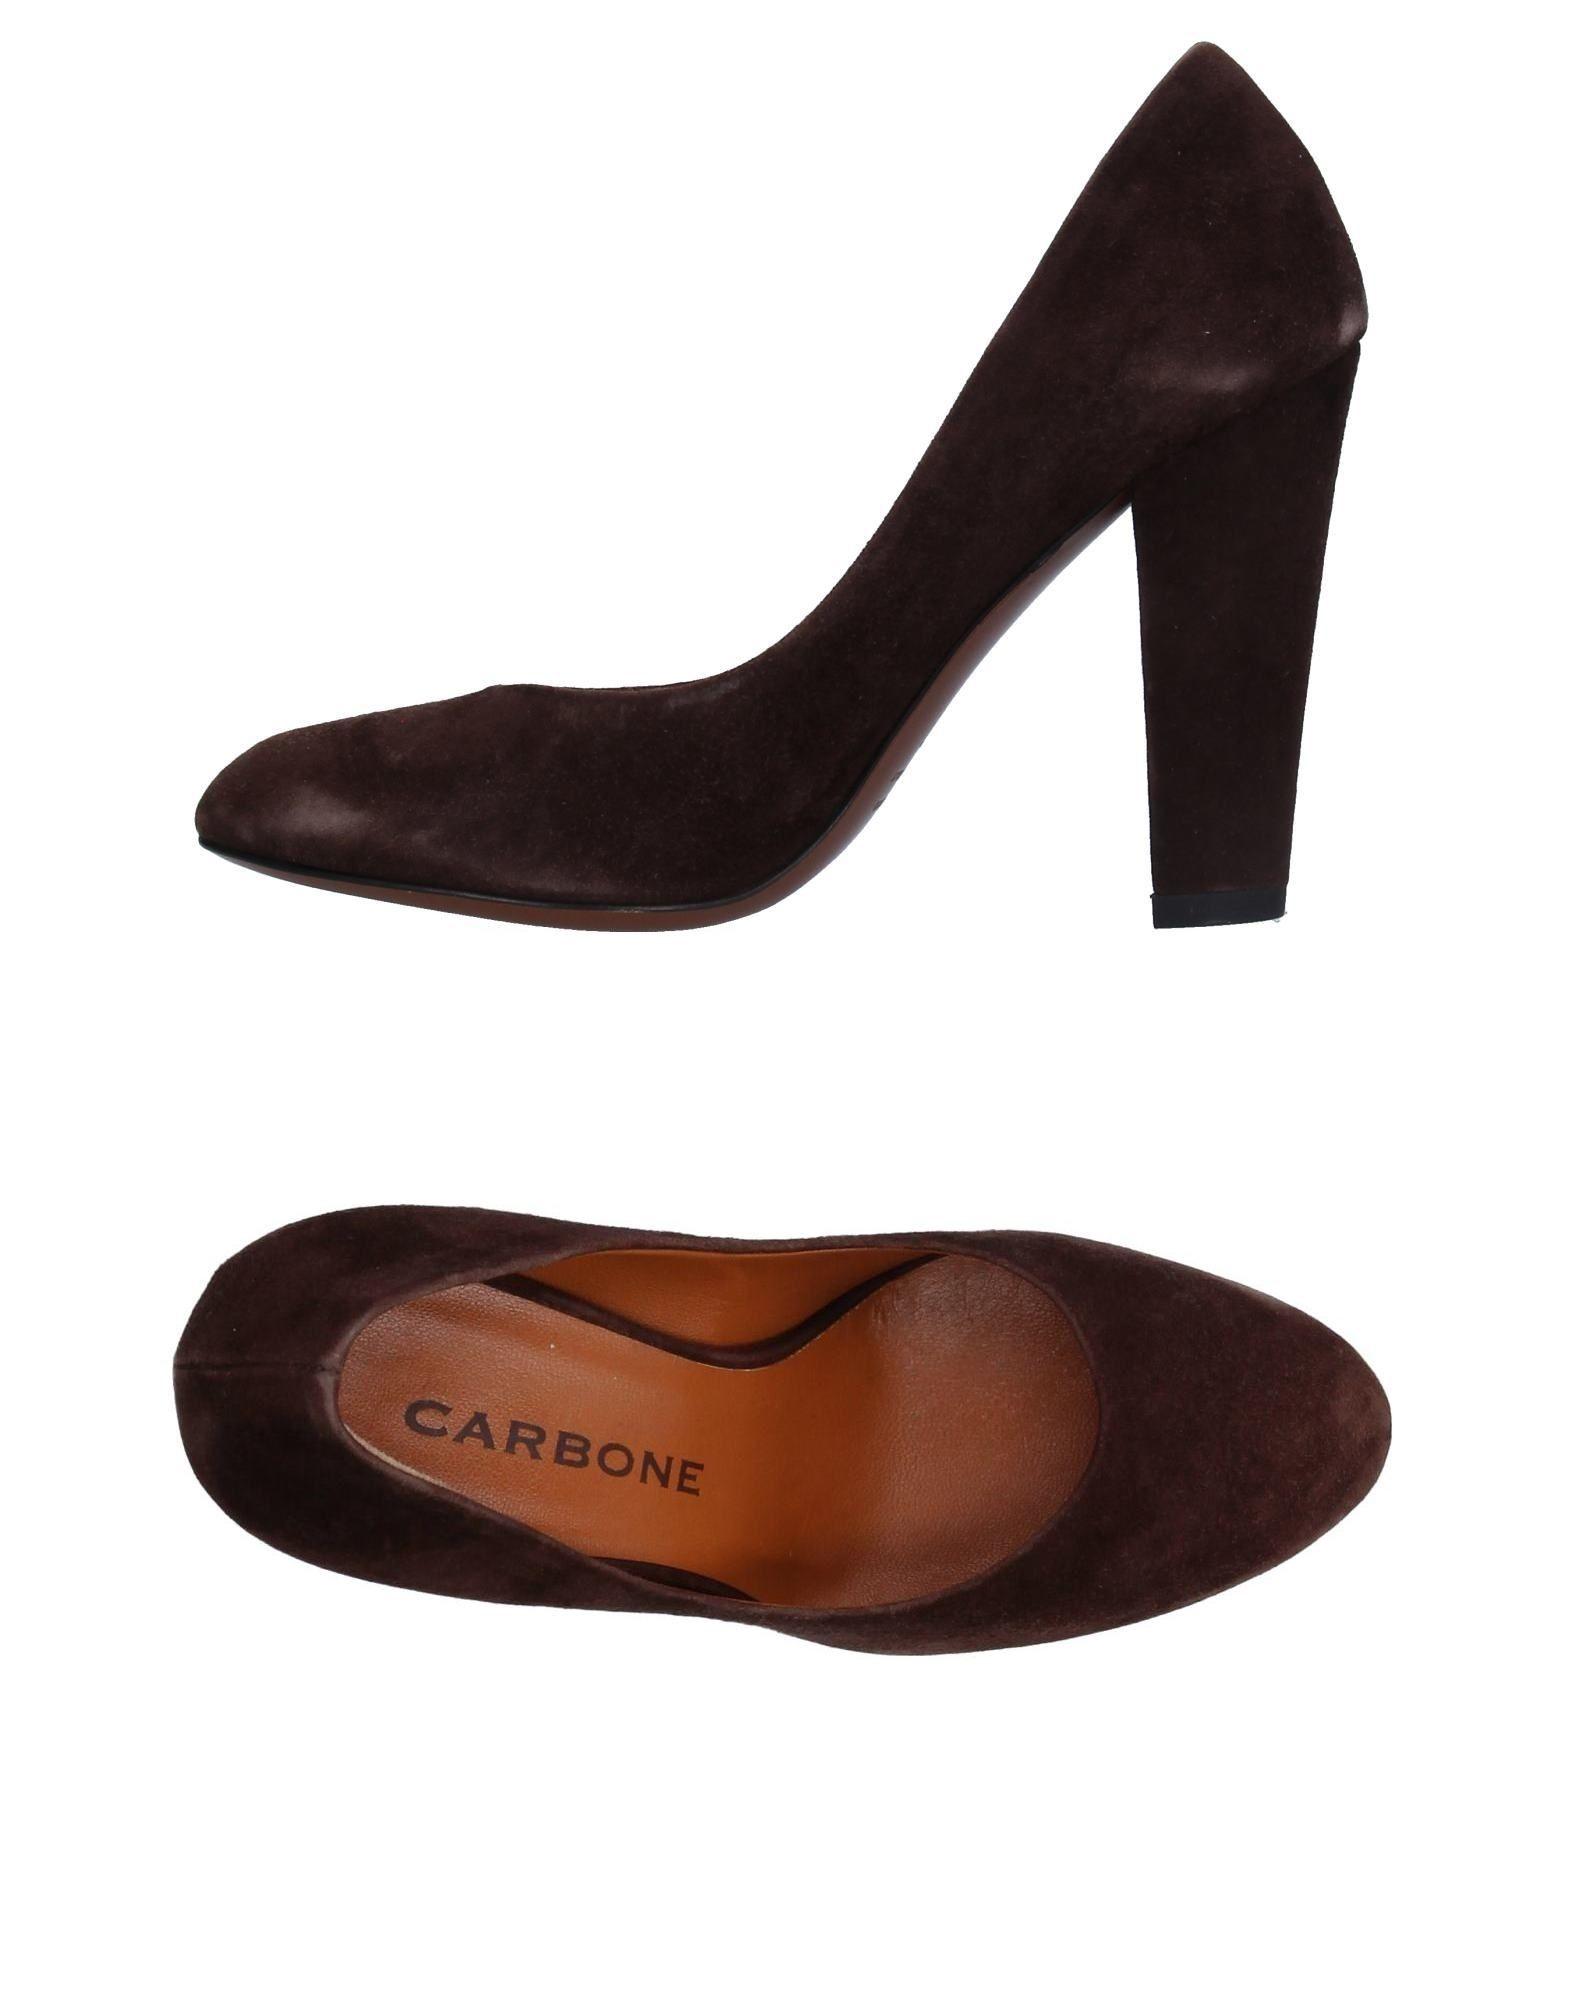 Escarpins Carbone Femme - Escarpins Carbone sur